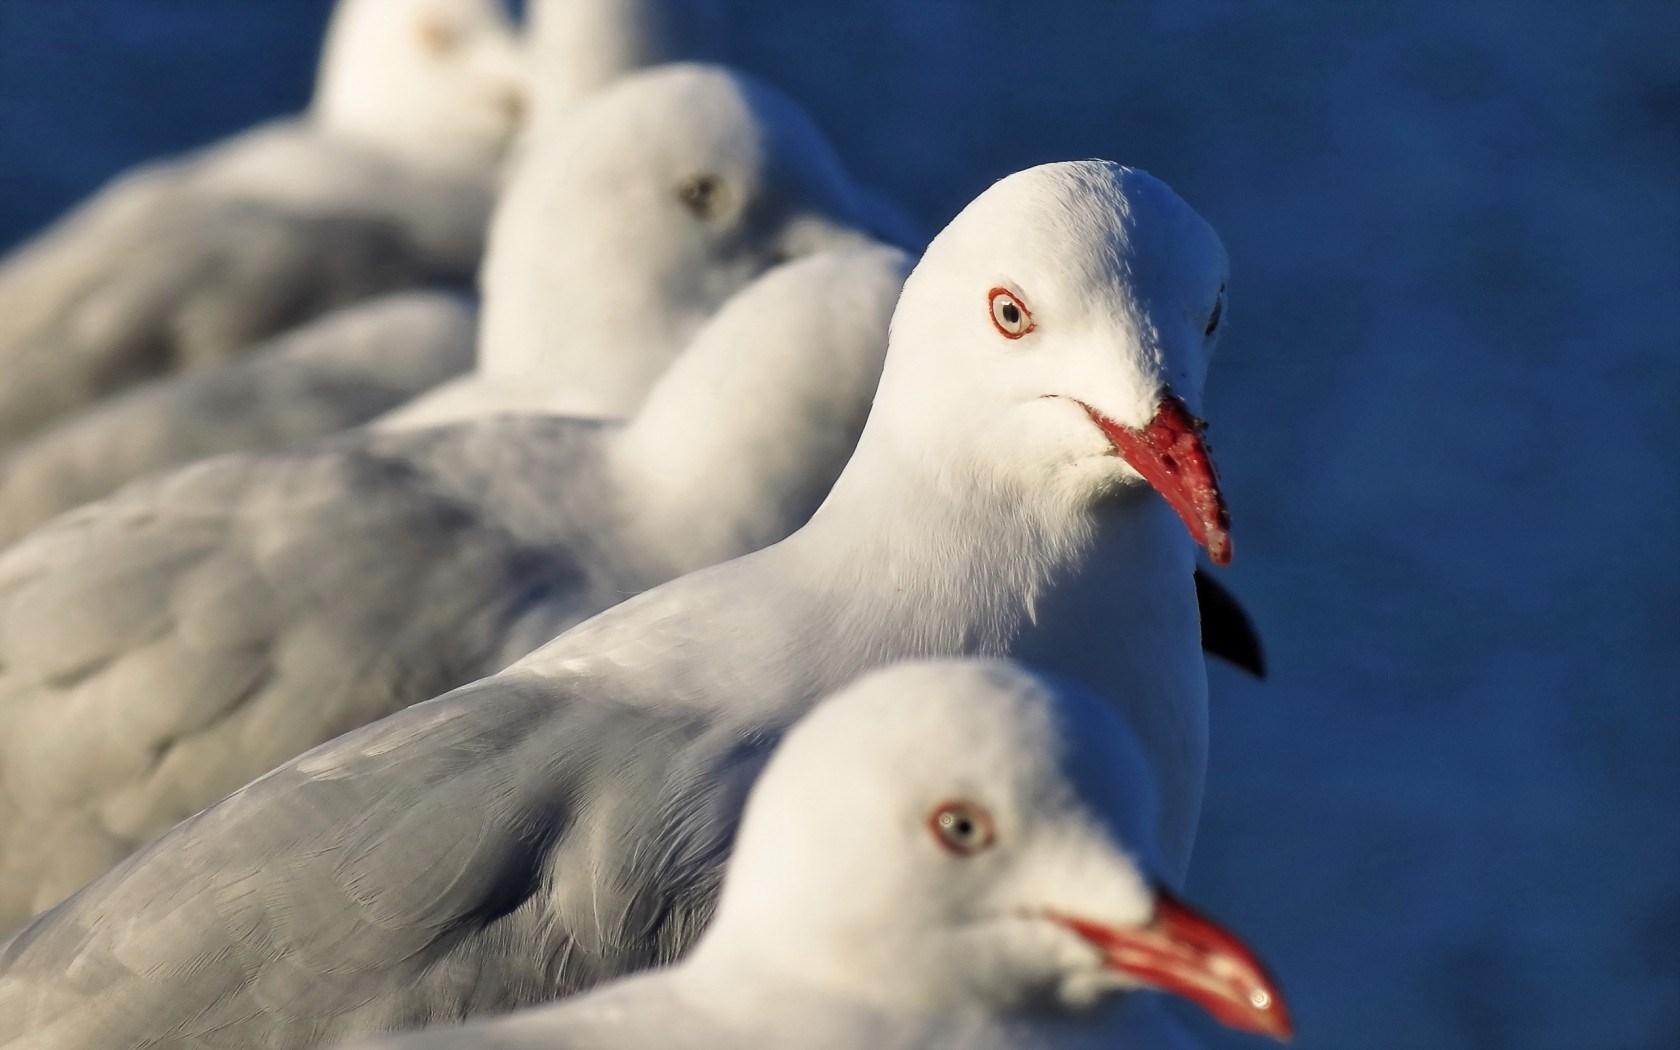 hd birds wallpapers